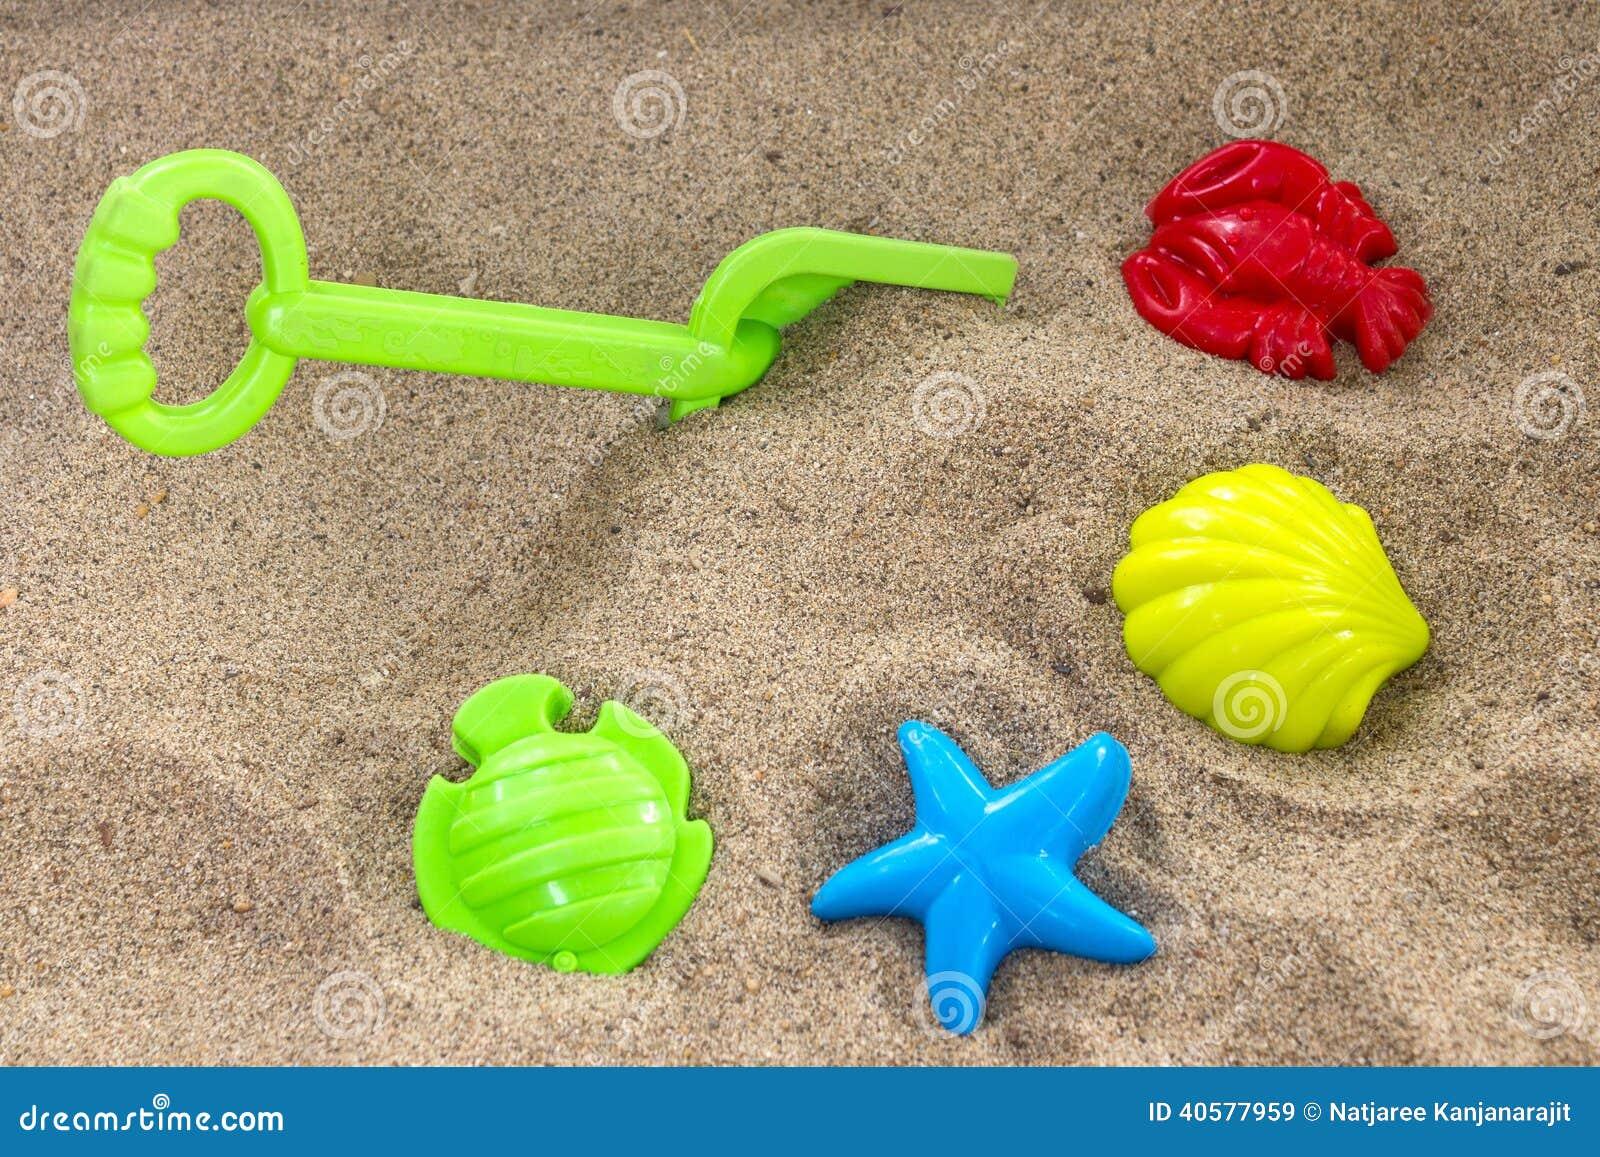 Игрушки детей на песке